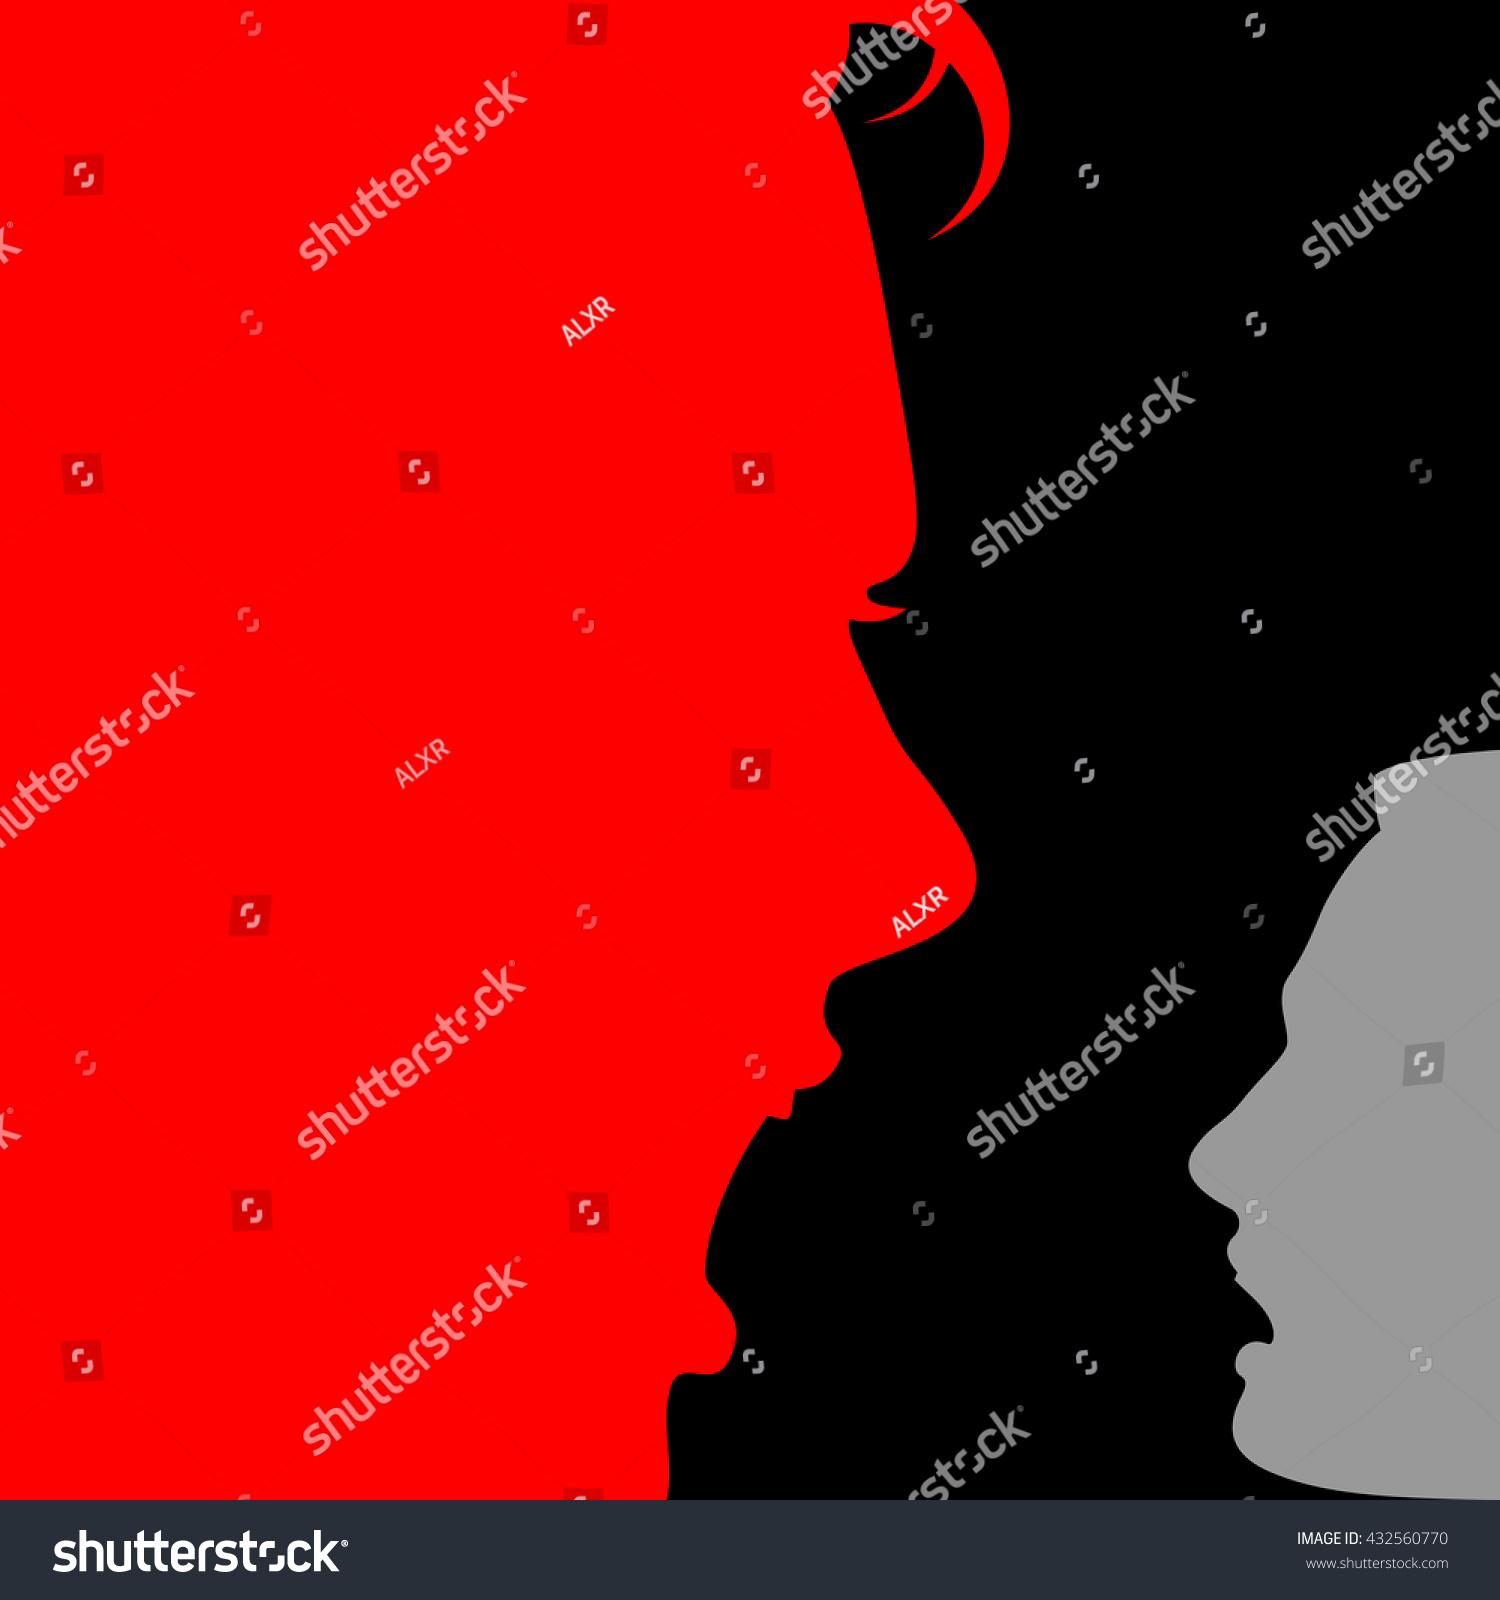 female domination over men